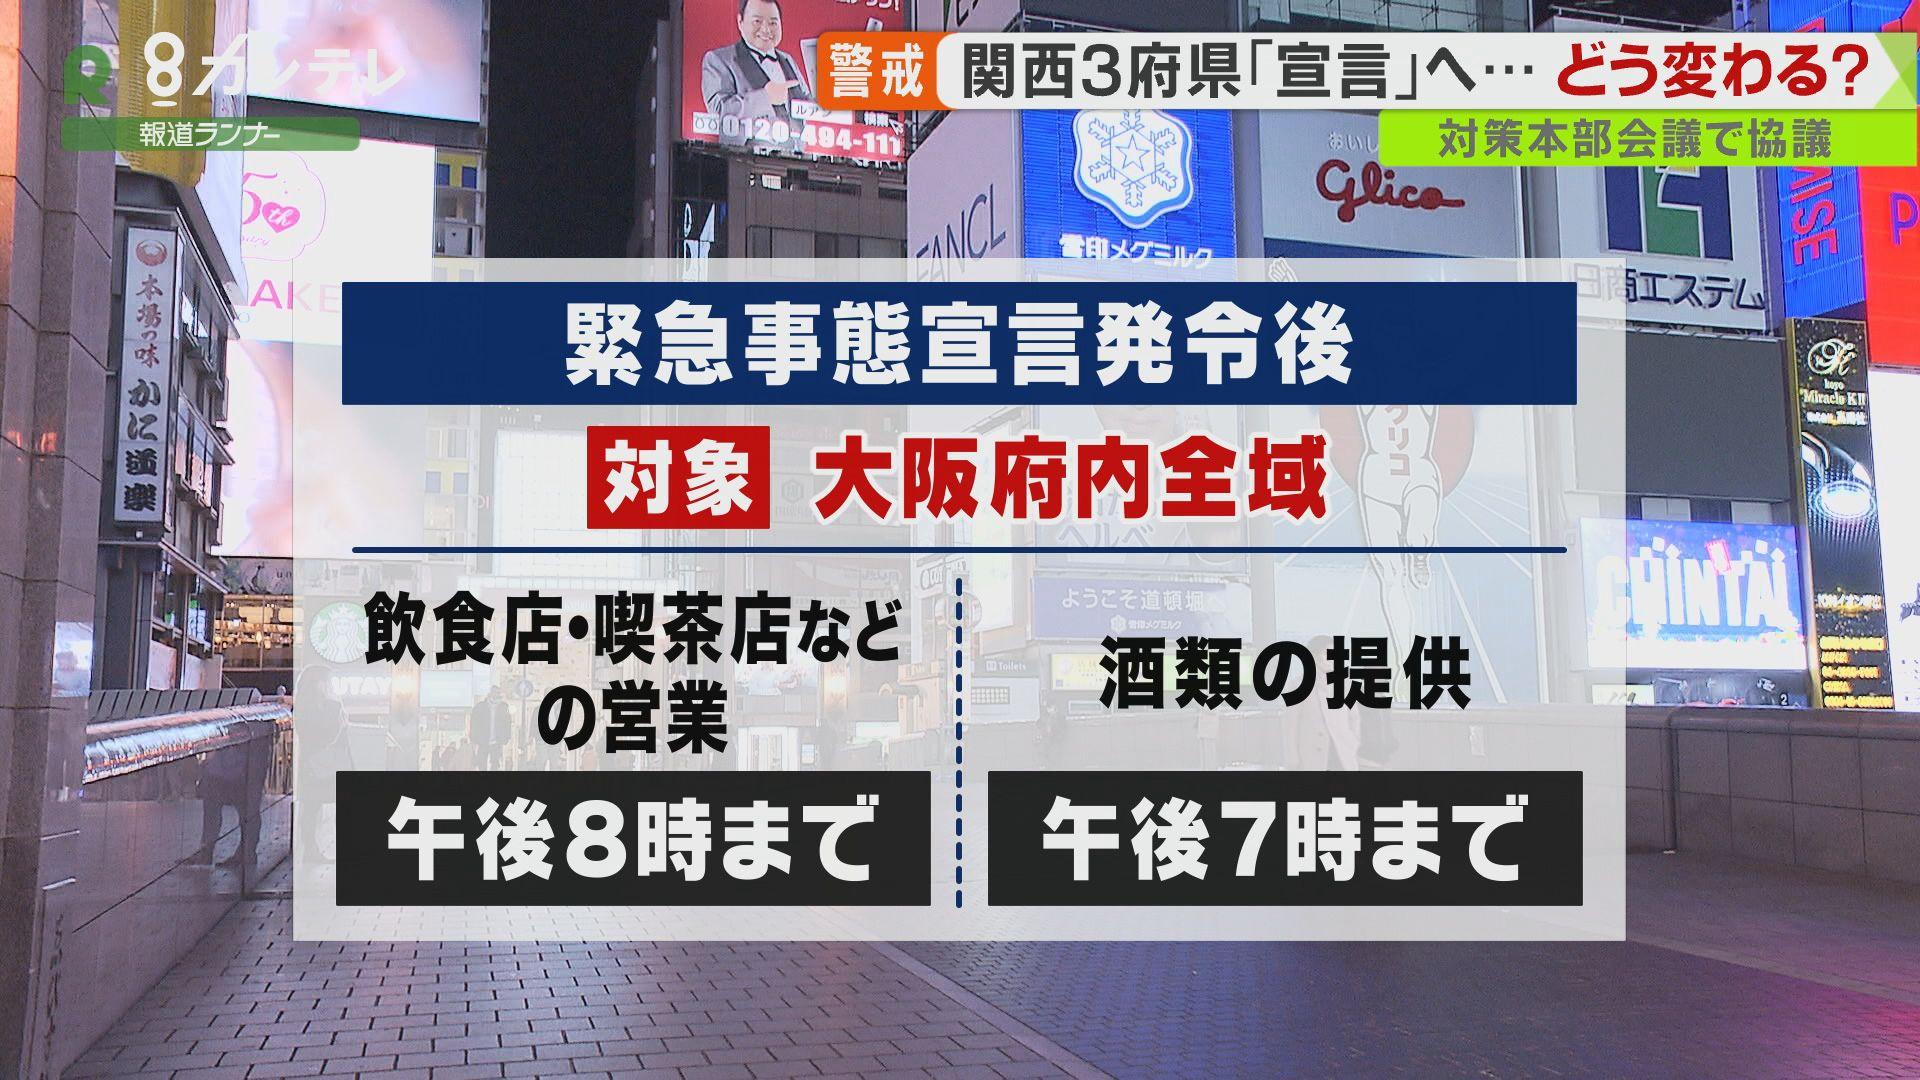 """""""宣言発令""""へ… 大阪では時短要請を『強化』、イベント開催は『制限』"""